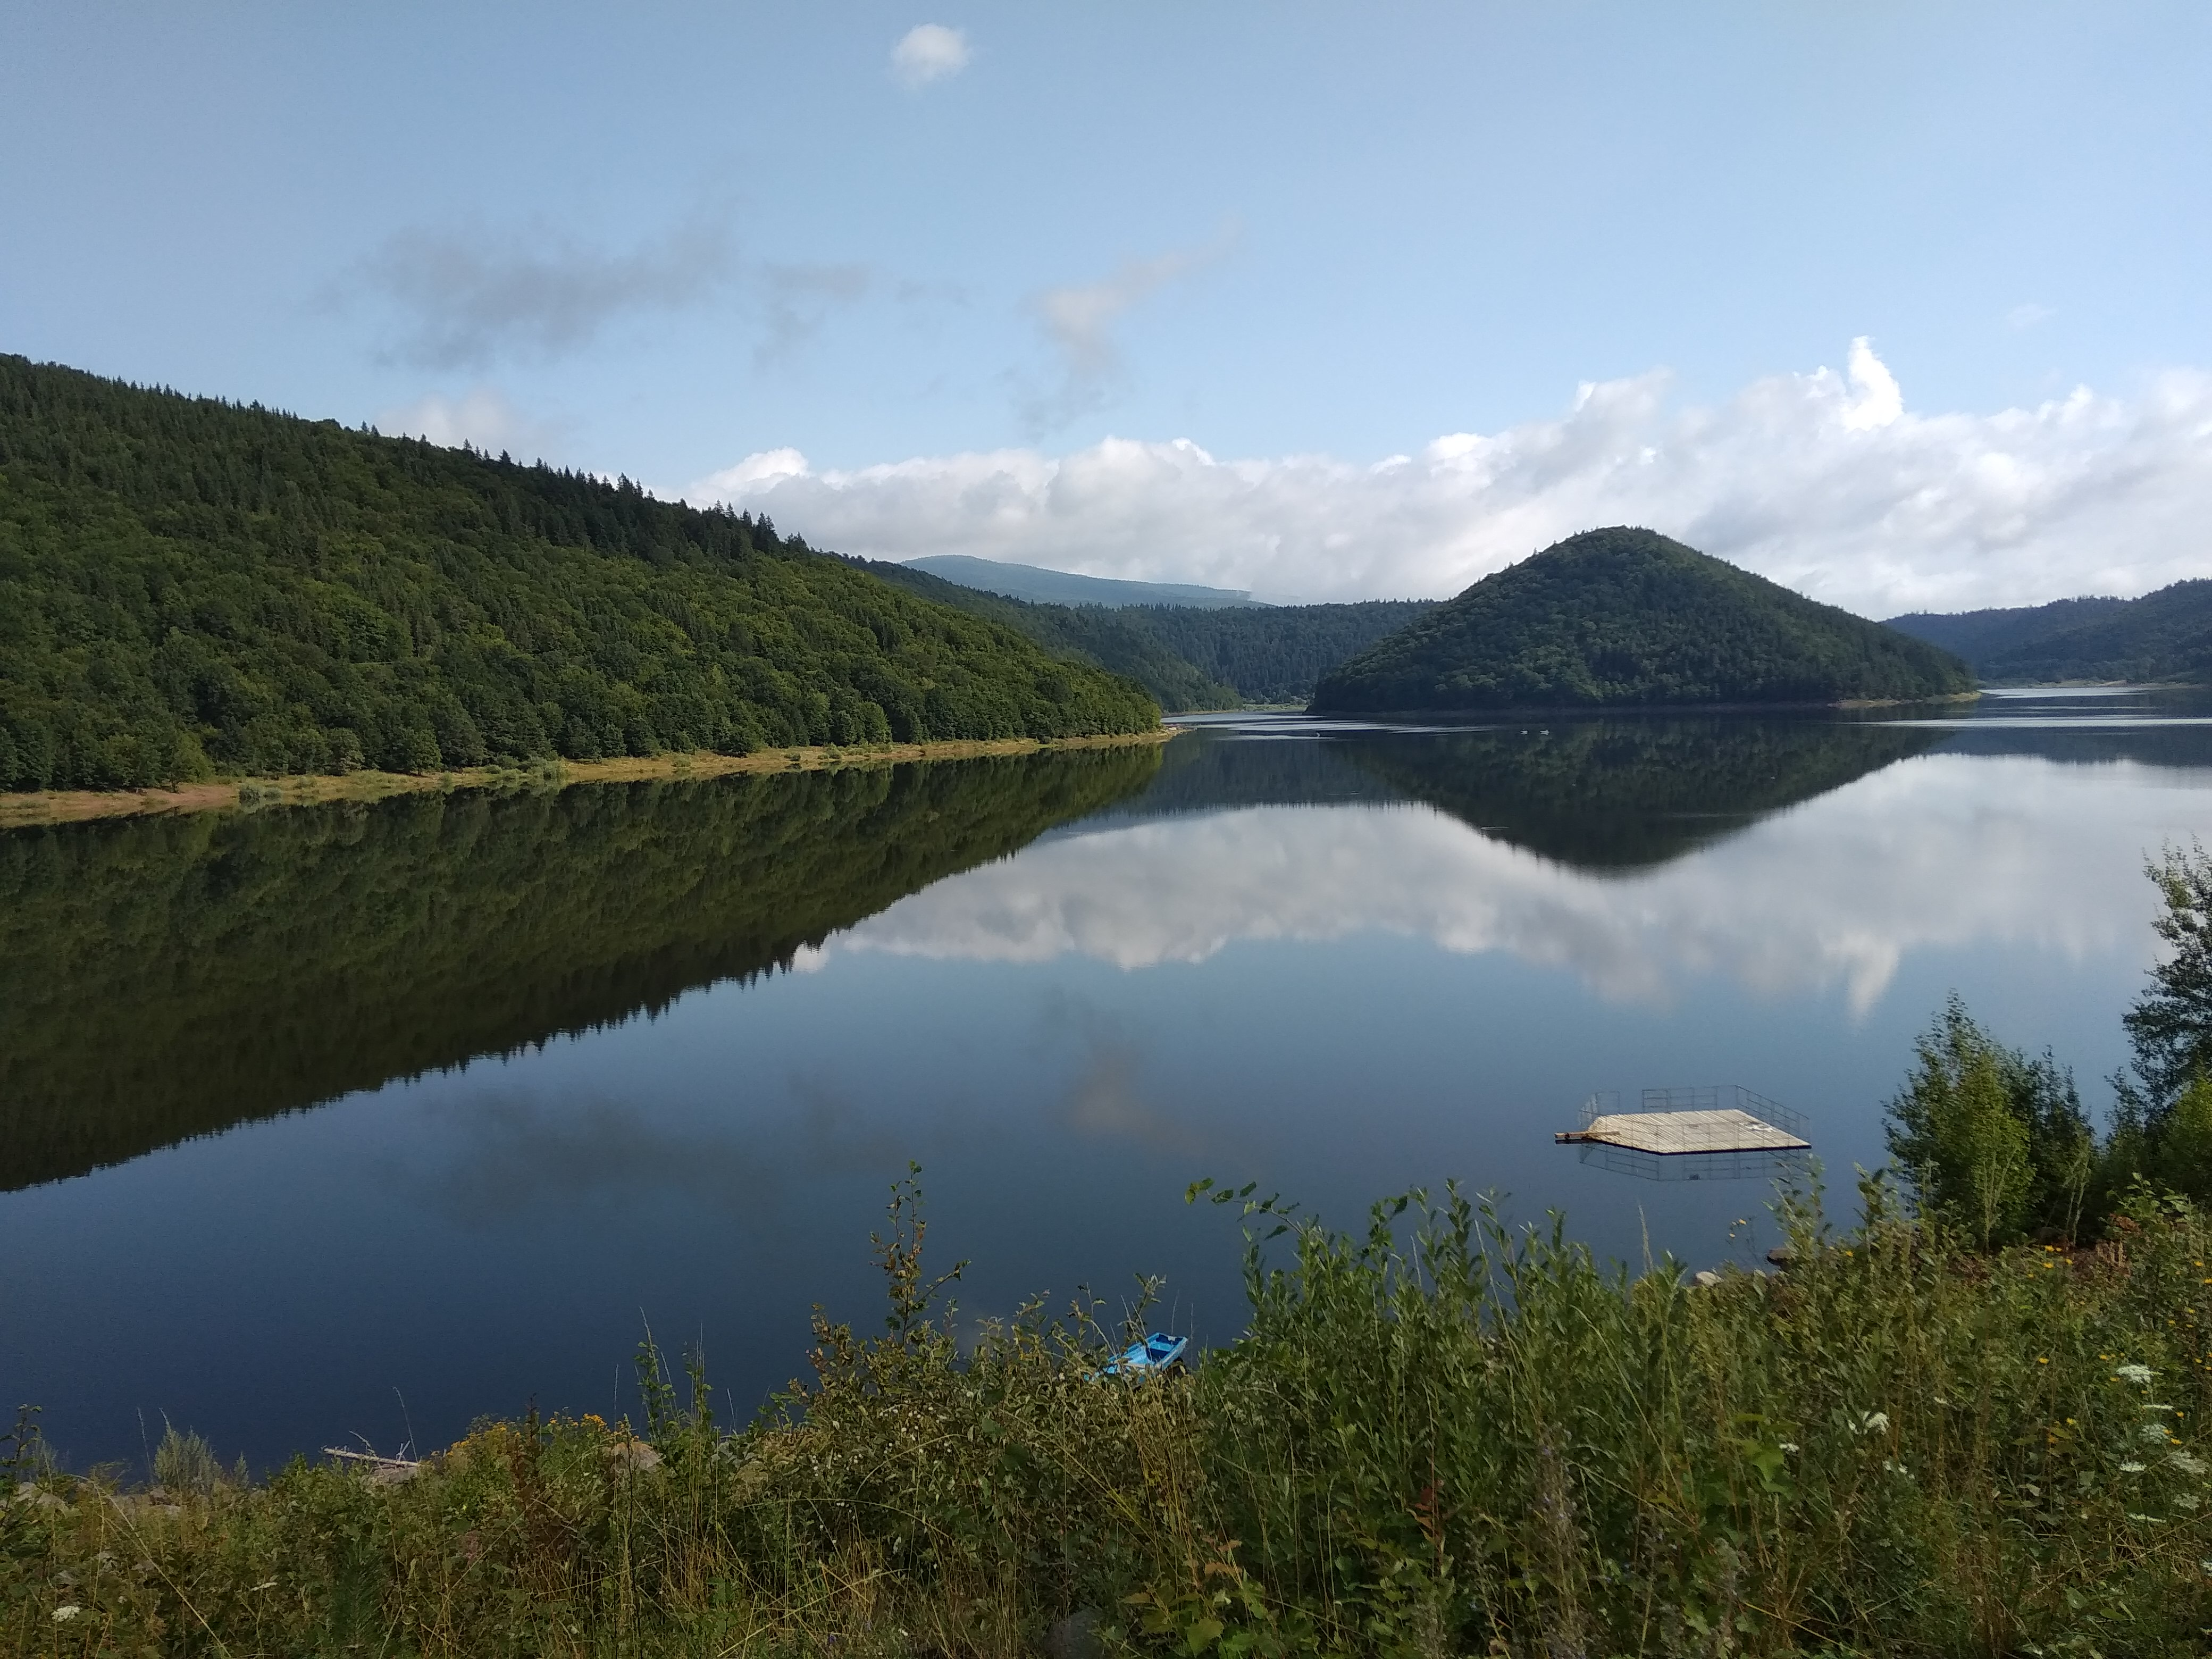 Zetelaki víztározó. A gyönyörű tó Nicolae Ceaușescu idejében a székelyek elleni hideg fegyver volt.